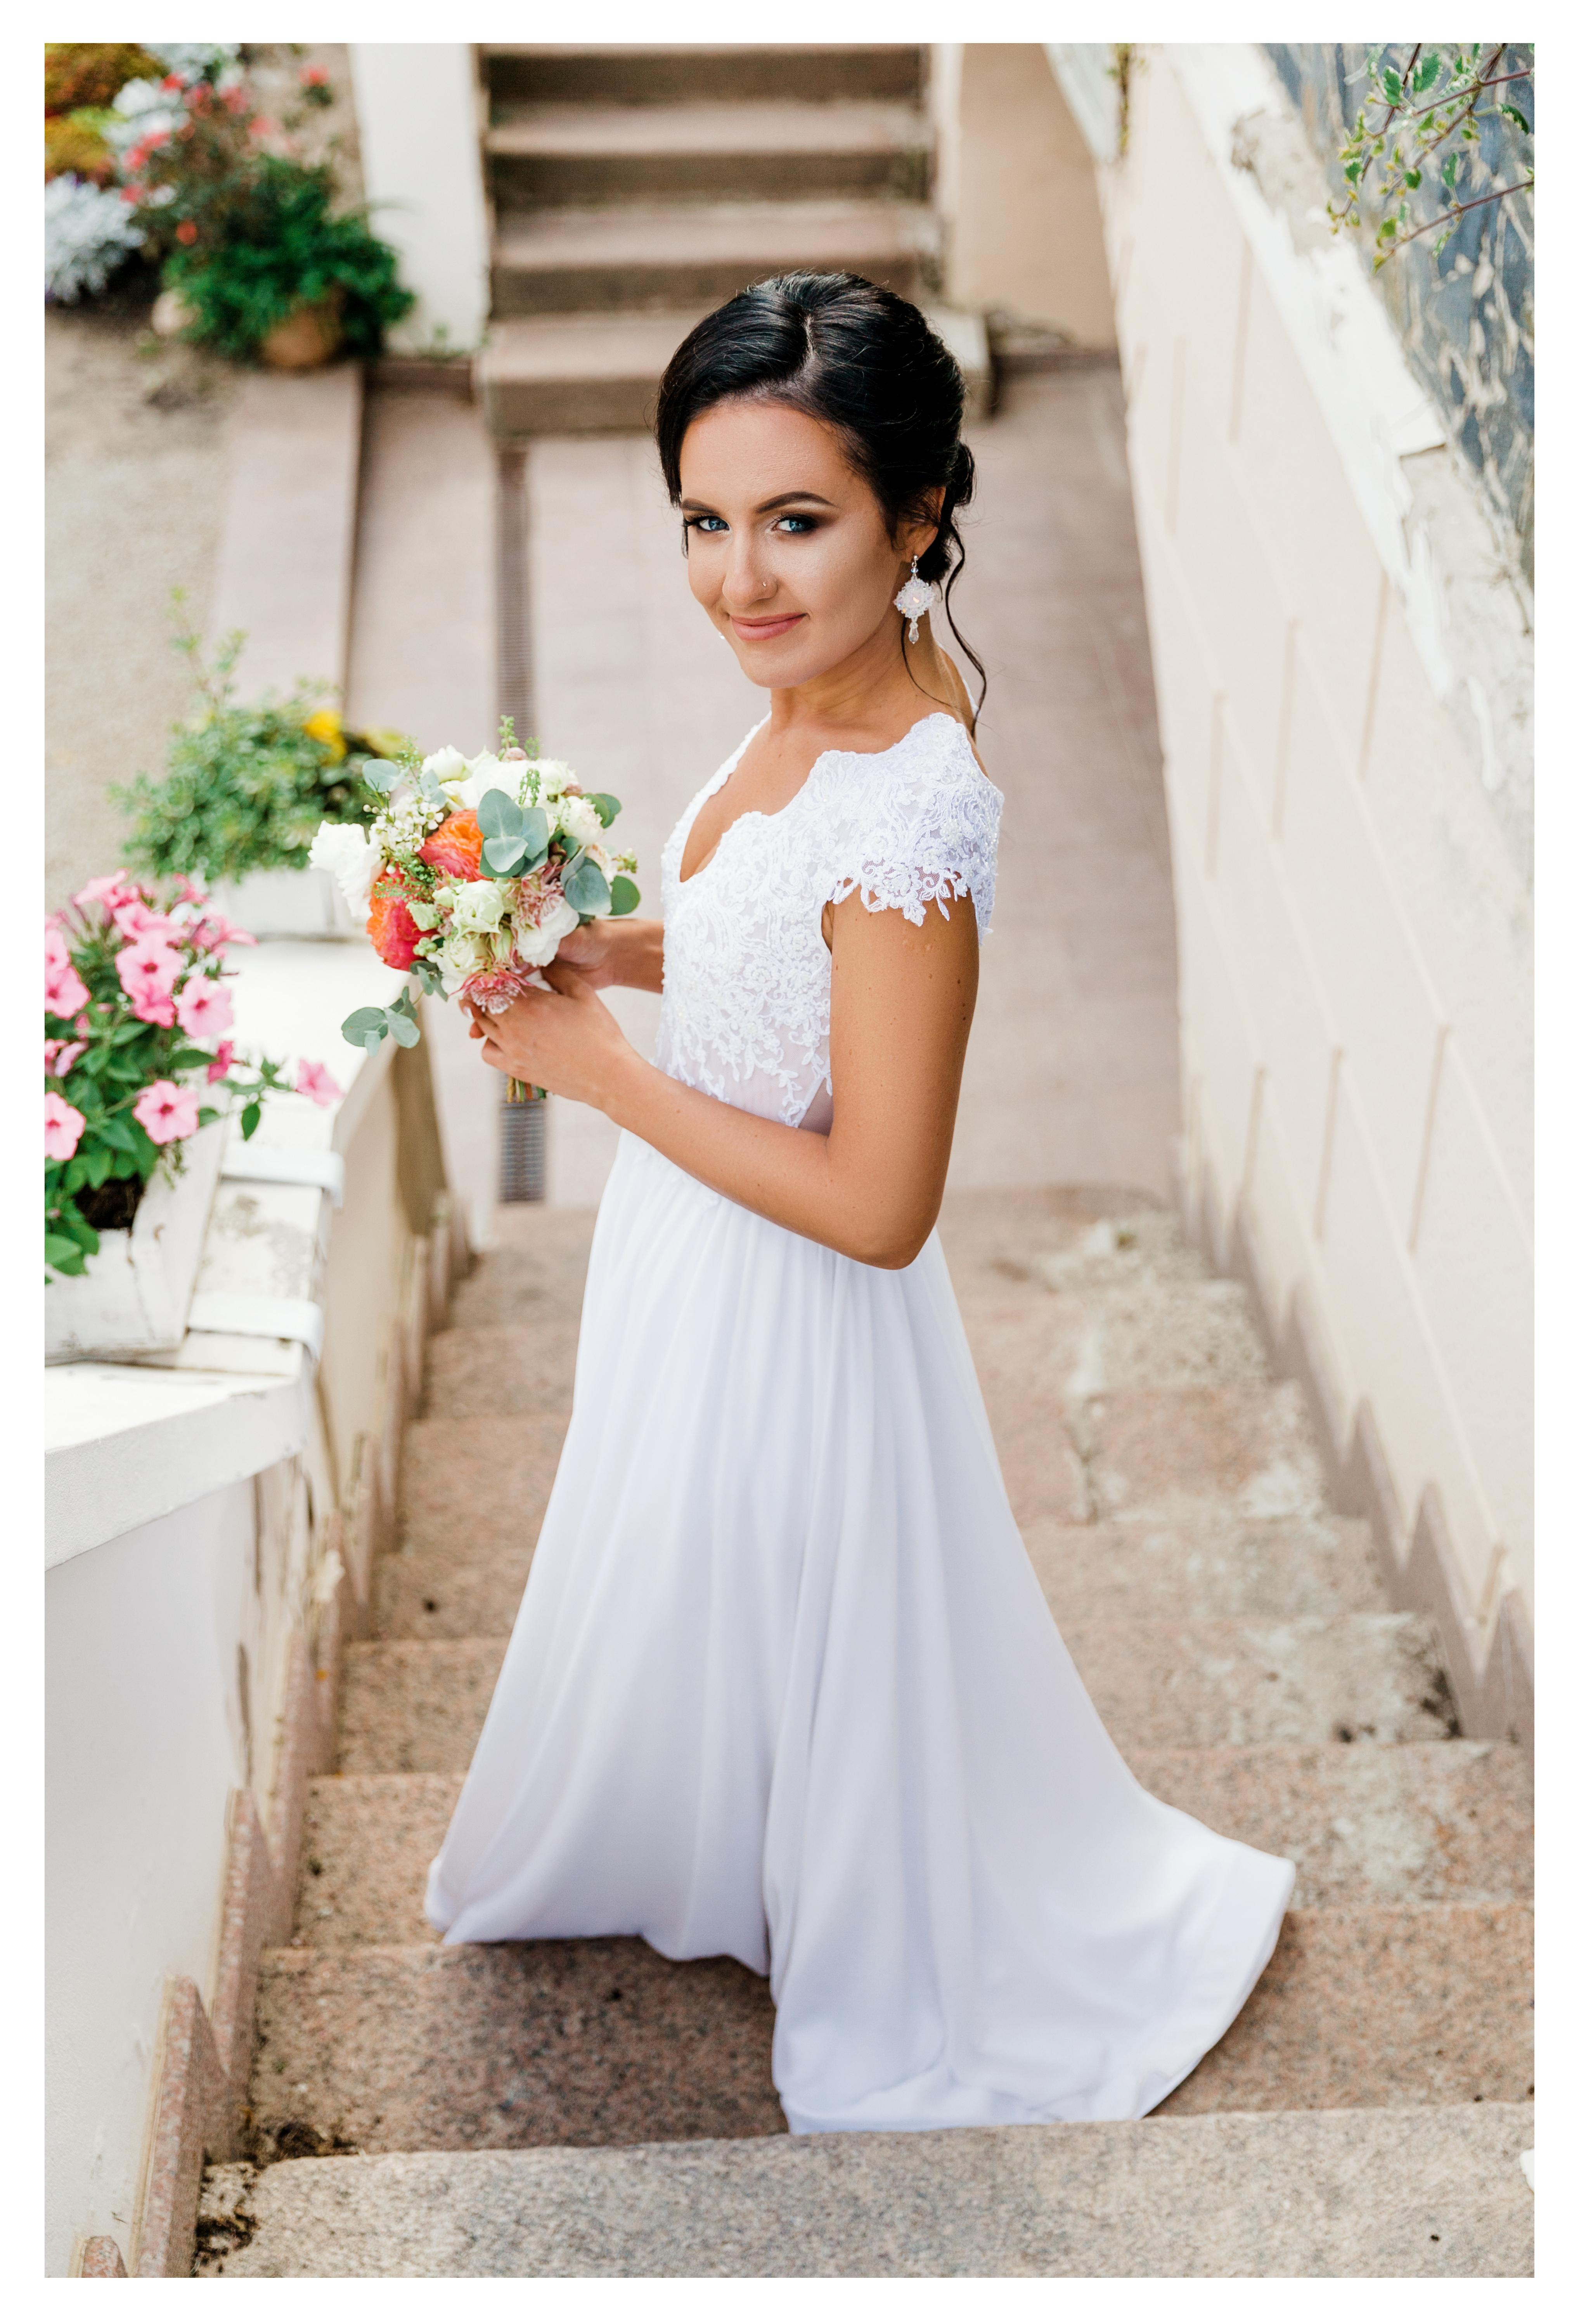 Gipiūrinė nuotakos suknelė